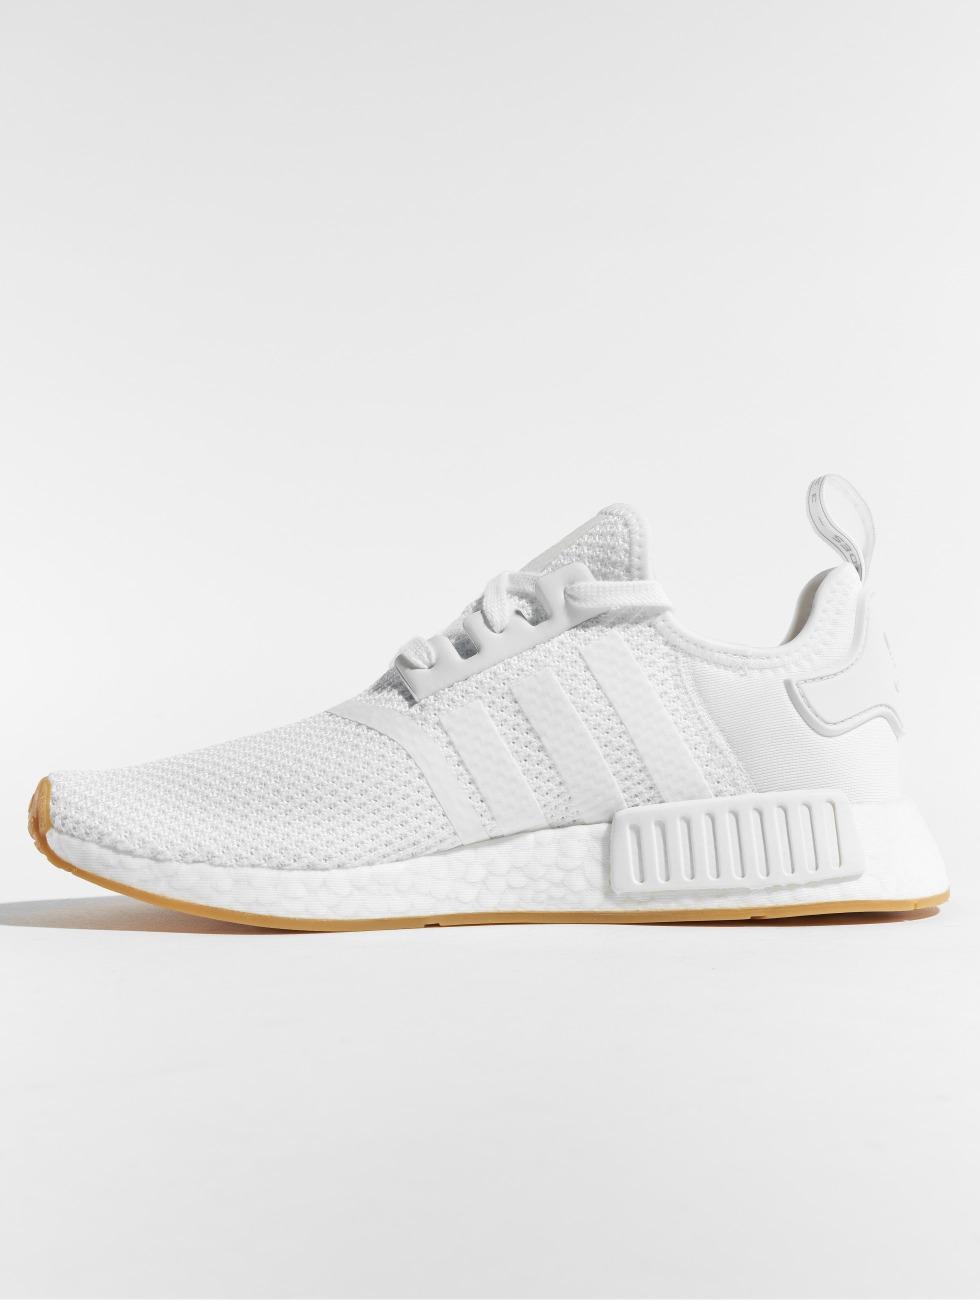 adidas originals schoen / sneaker Nmd_r1 in wit 498562 Goedkope Koop Uit Nederland 4P1FmKi